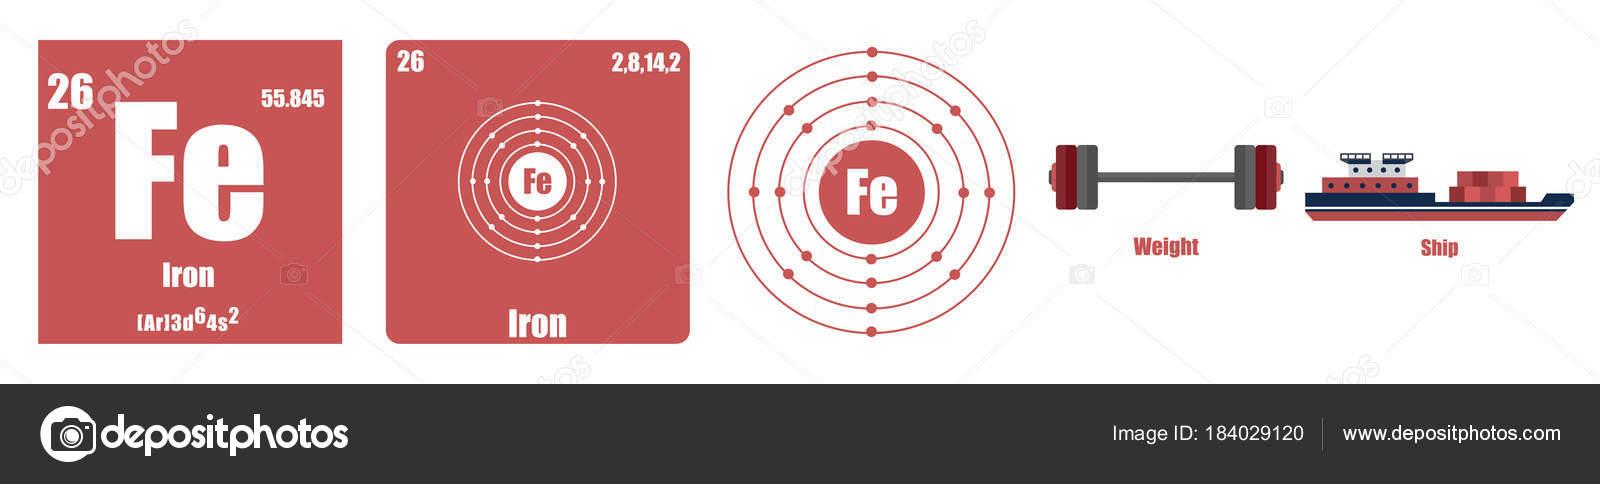 tabla periodica de los elemento de transicin metales hierro vector de stock - Tabla Periodica De Los Elementos Hierro